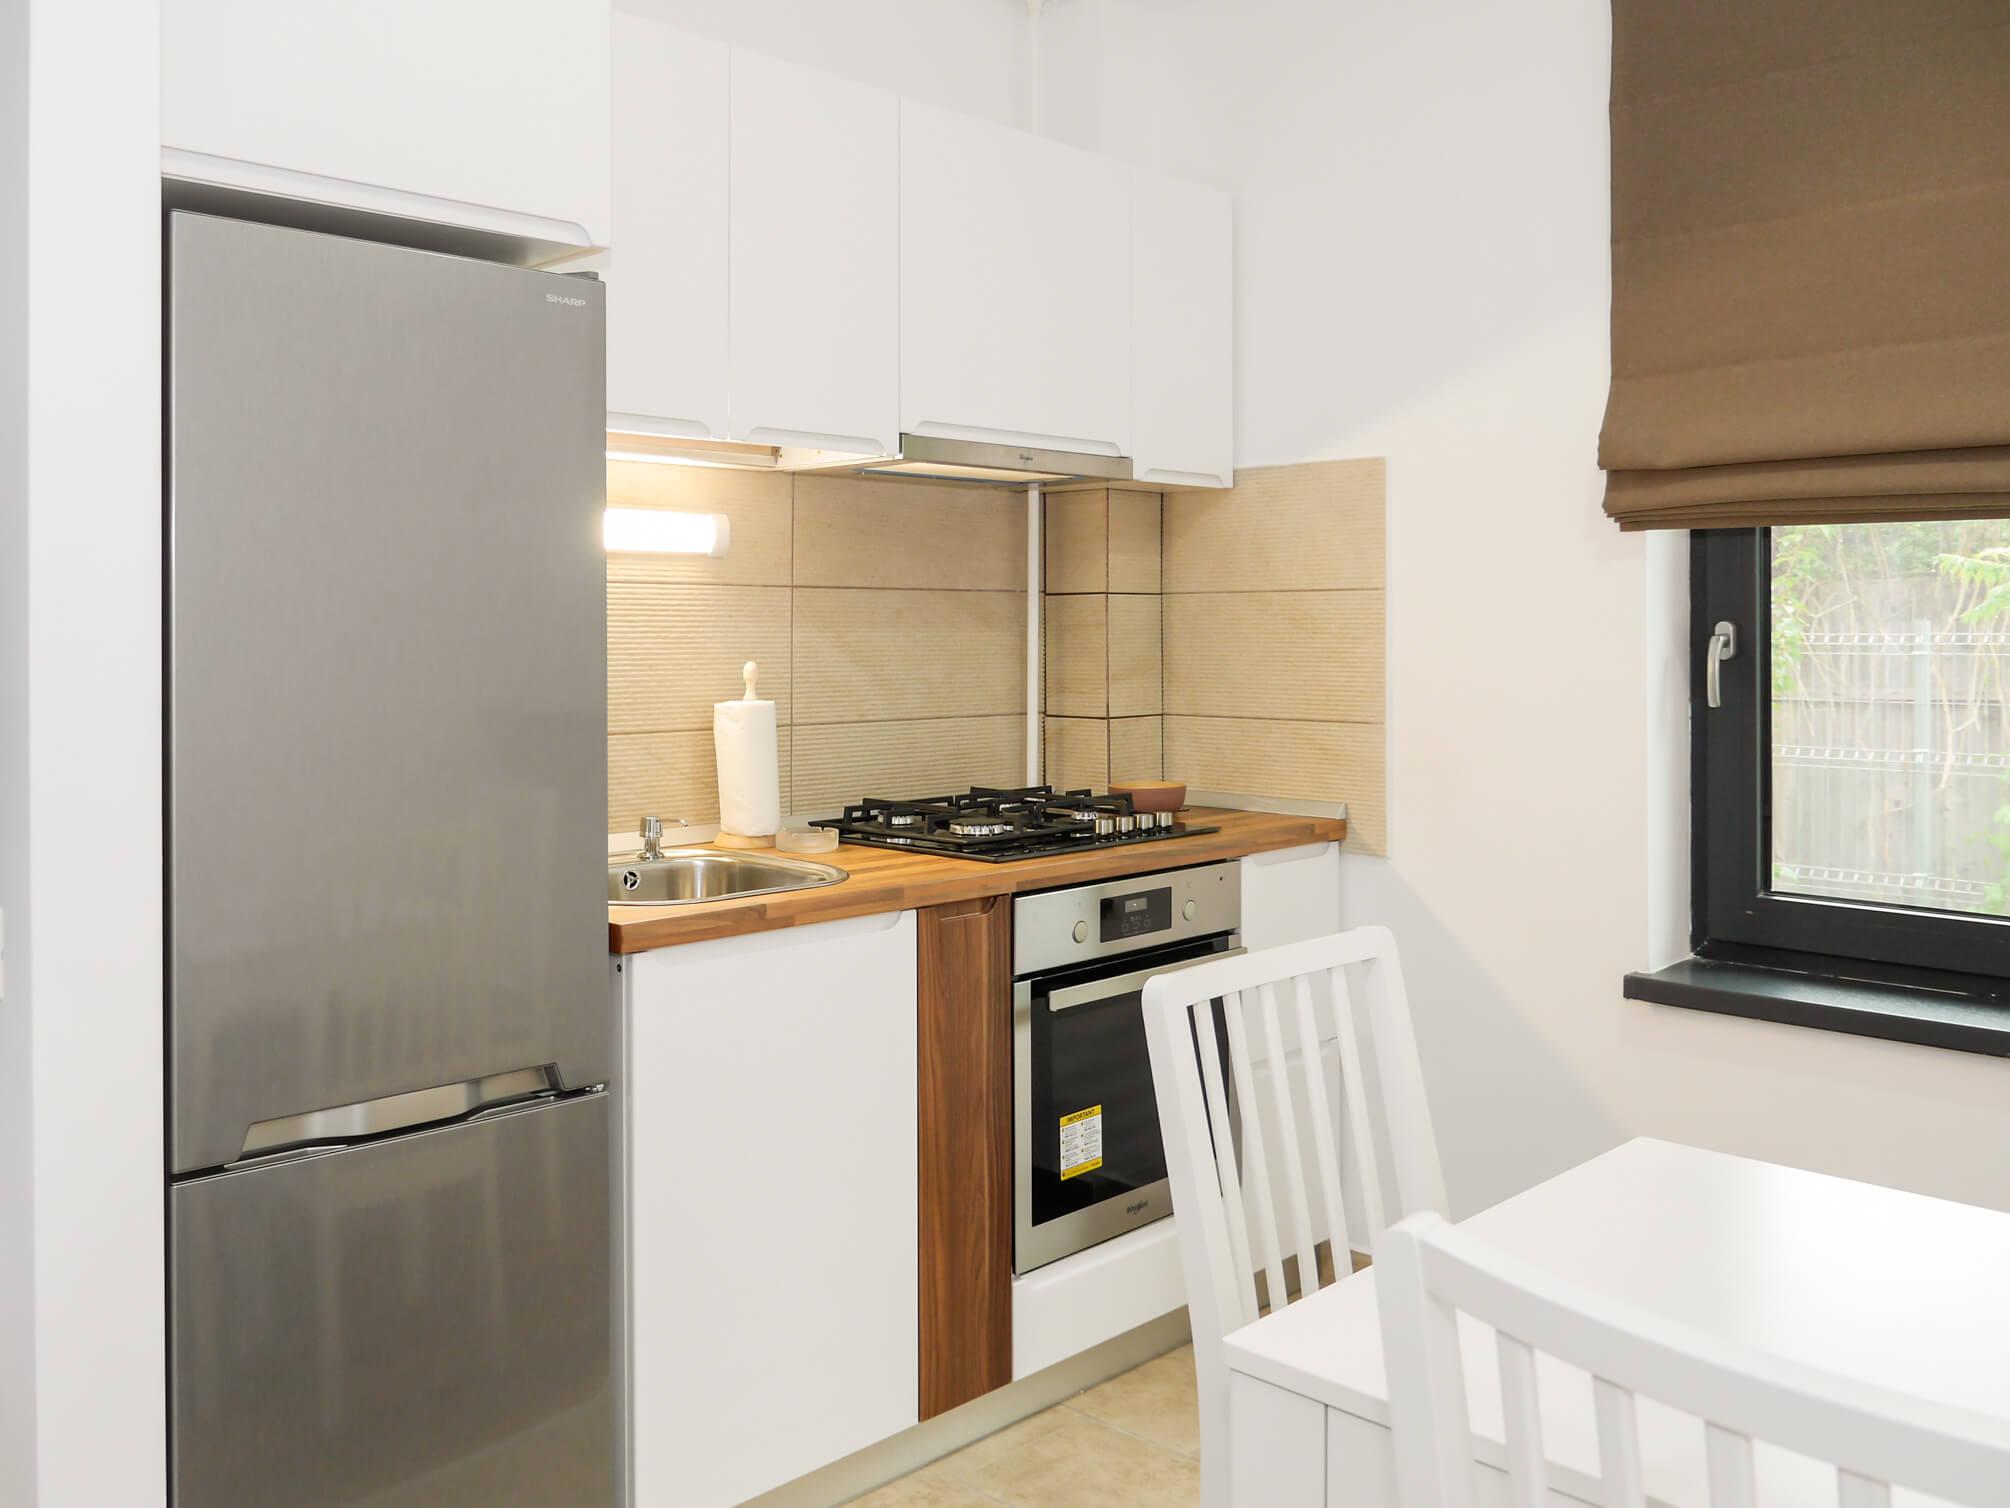 VClement Apartments - apartamente de inchiriat in regim hotelier - cazare neamt - cazare piatra neamt (2) - apartament 3